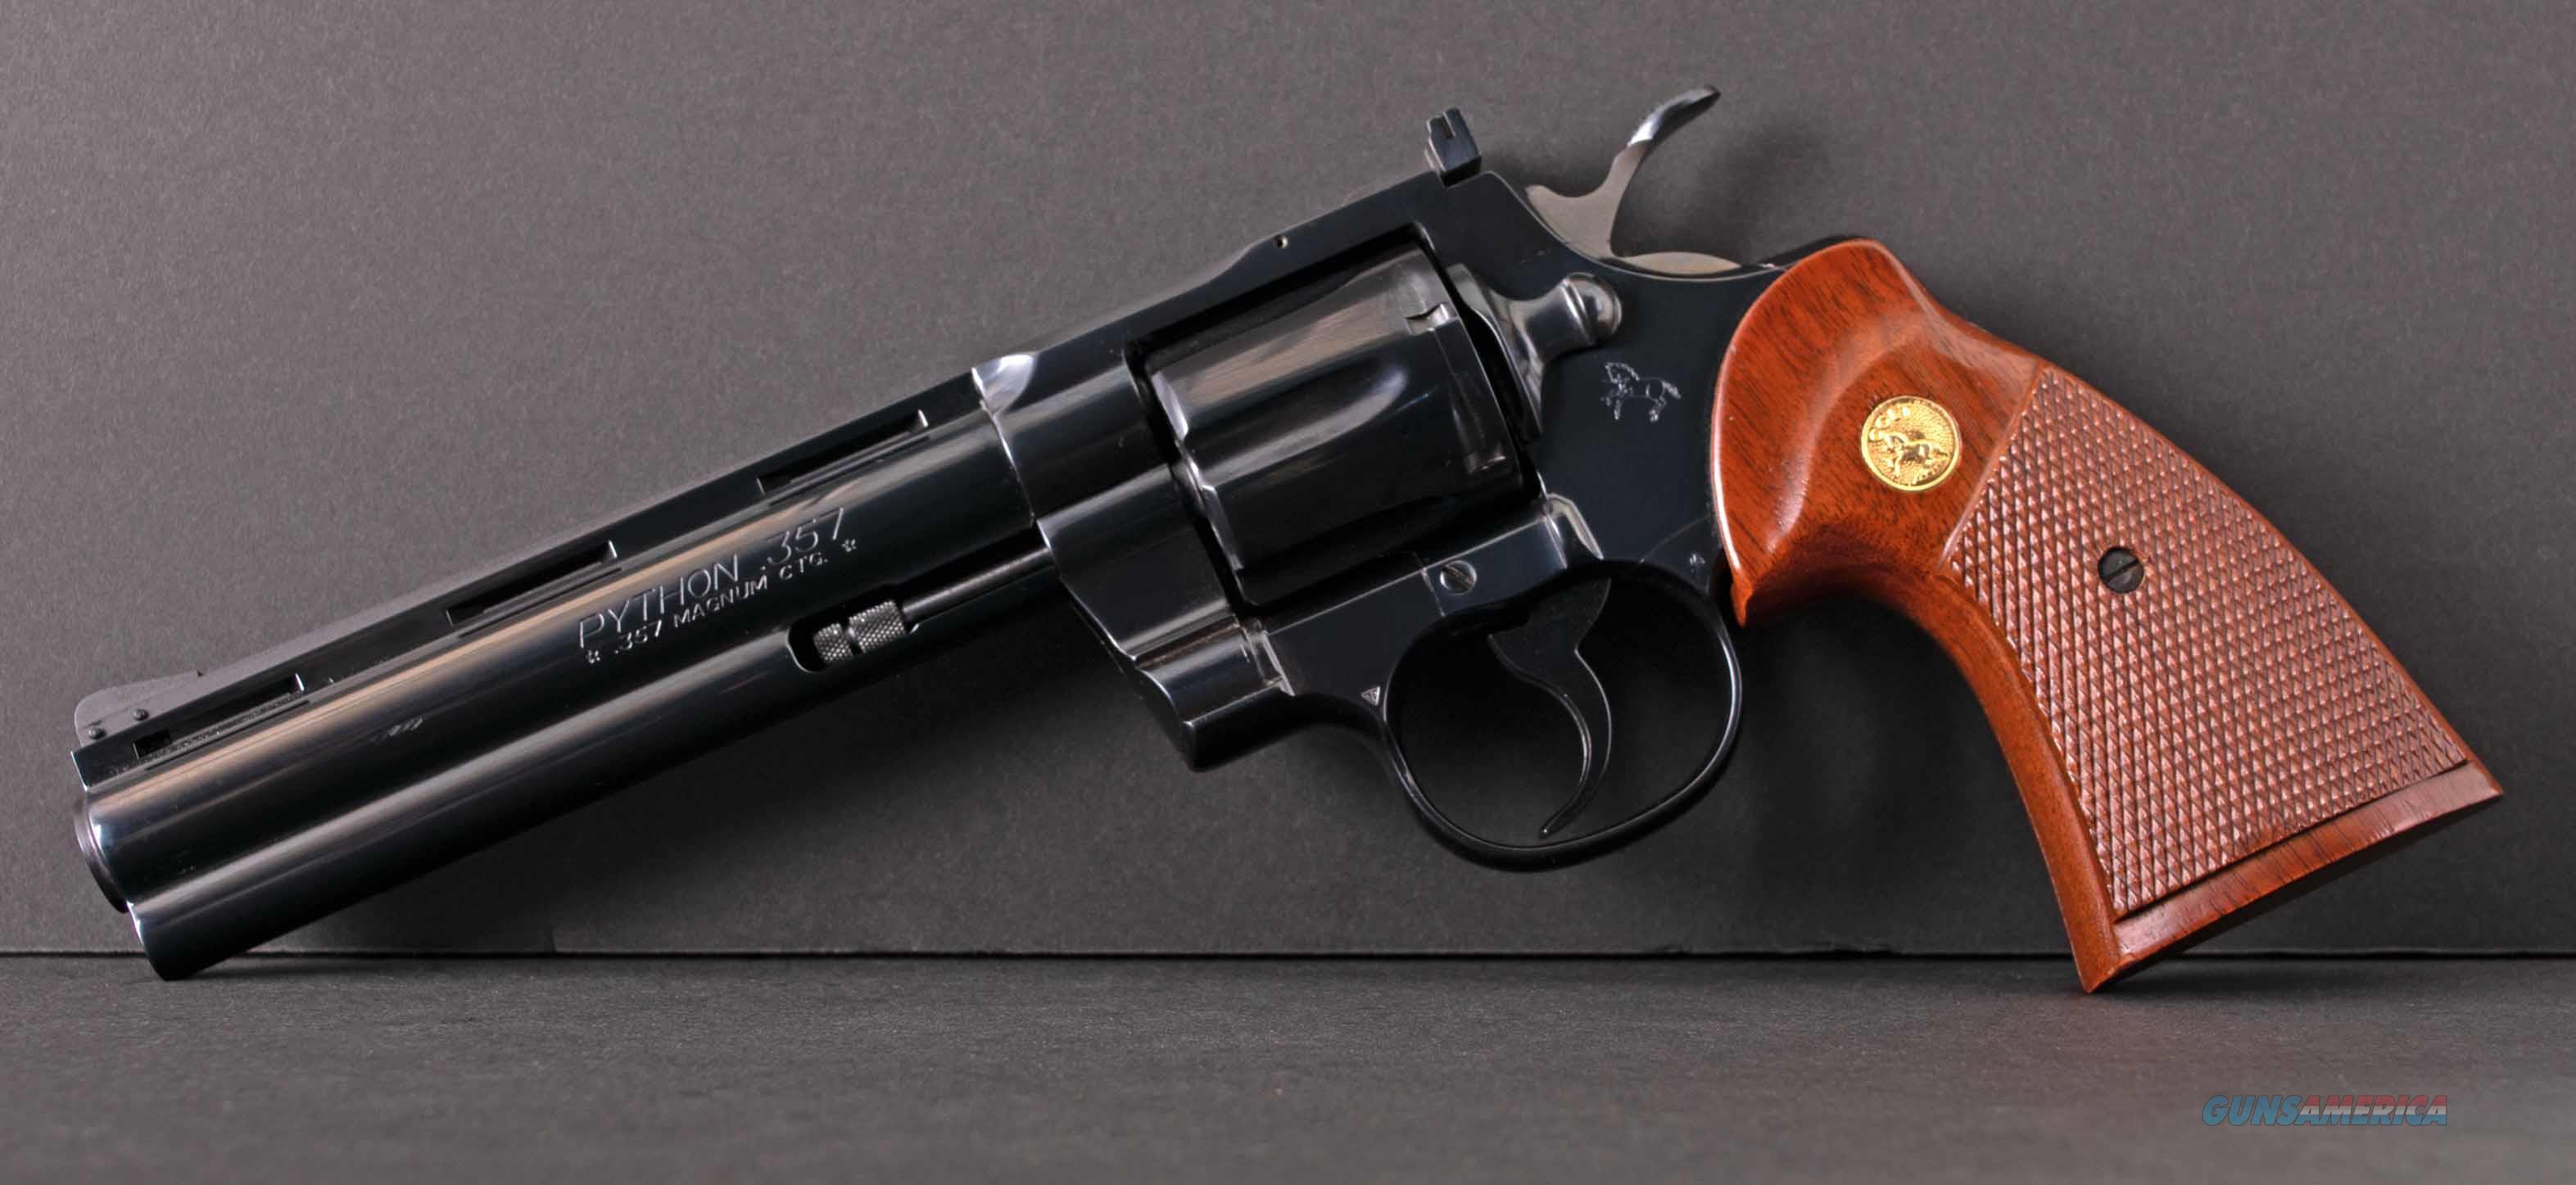 Colt Revolvers Guns amp Weapons Colt Anaconda Revolver t